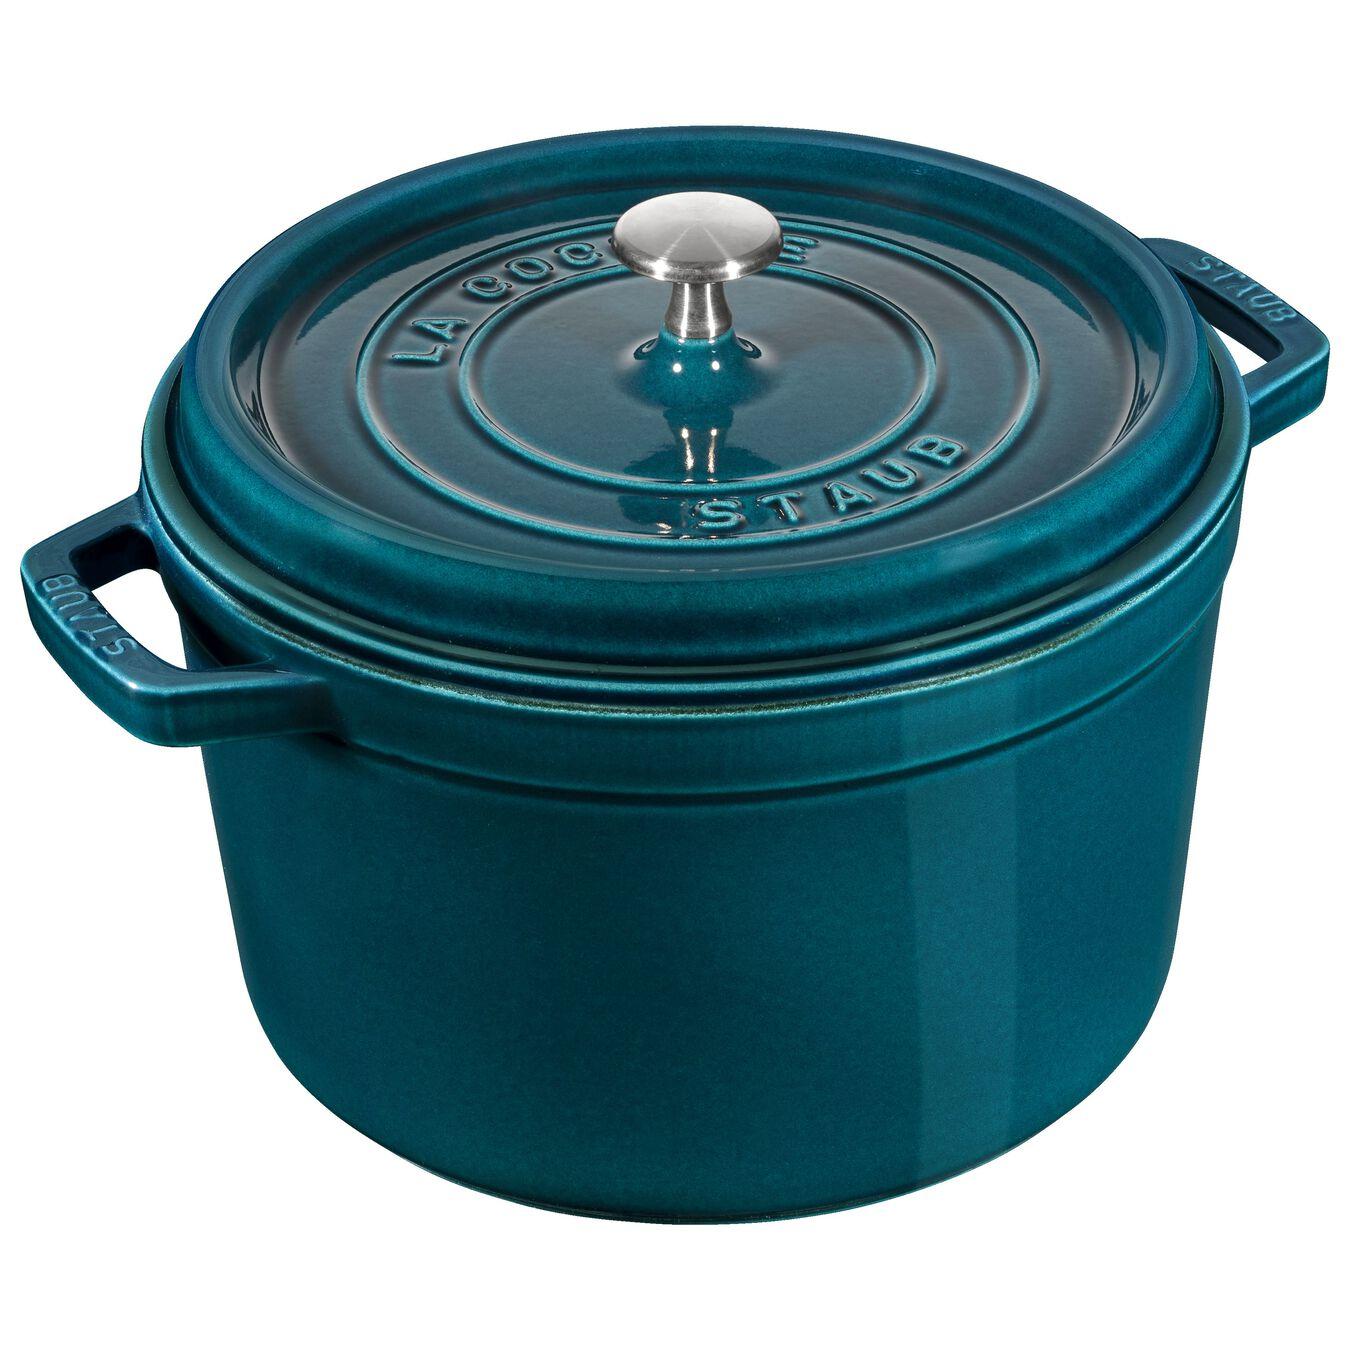 Cocotte 24 cm, Rond(e), Blue La-Mer, Fonte,,large 1